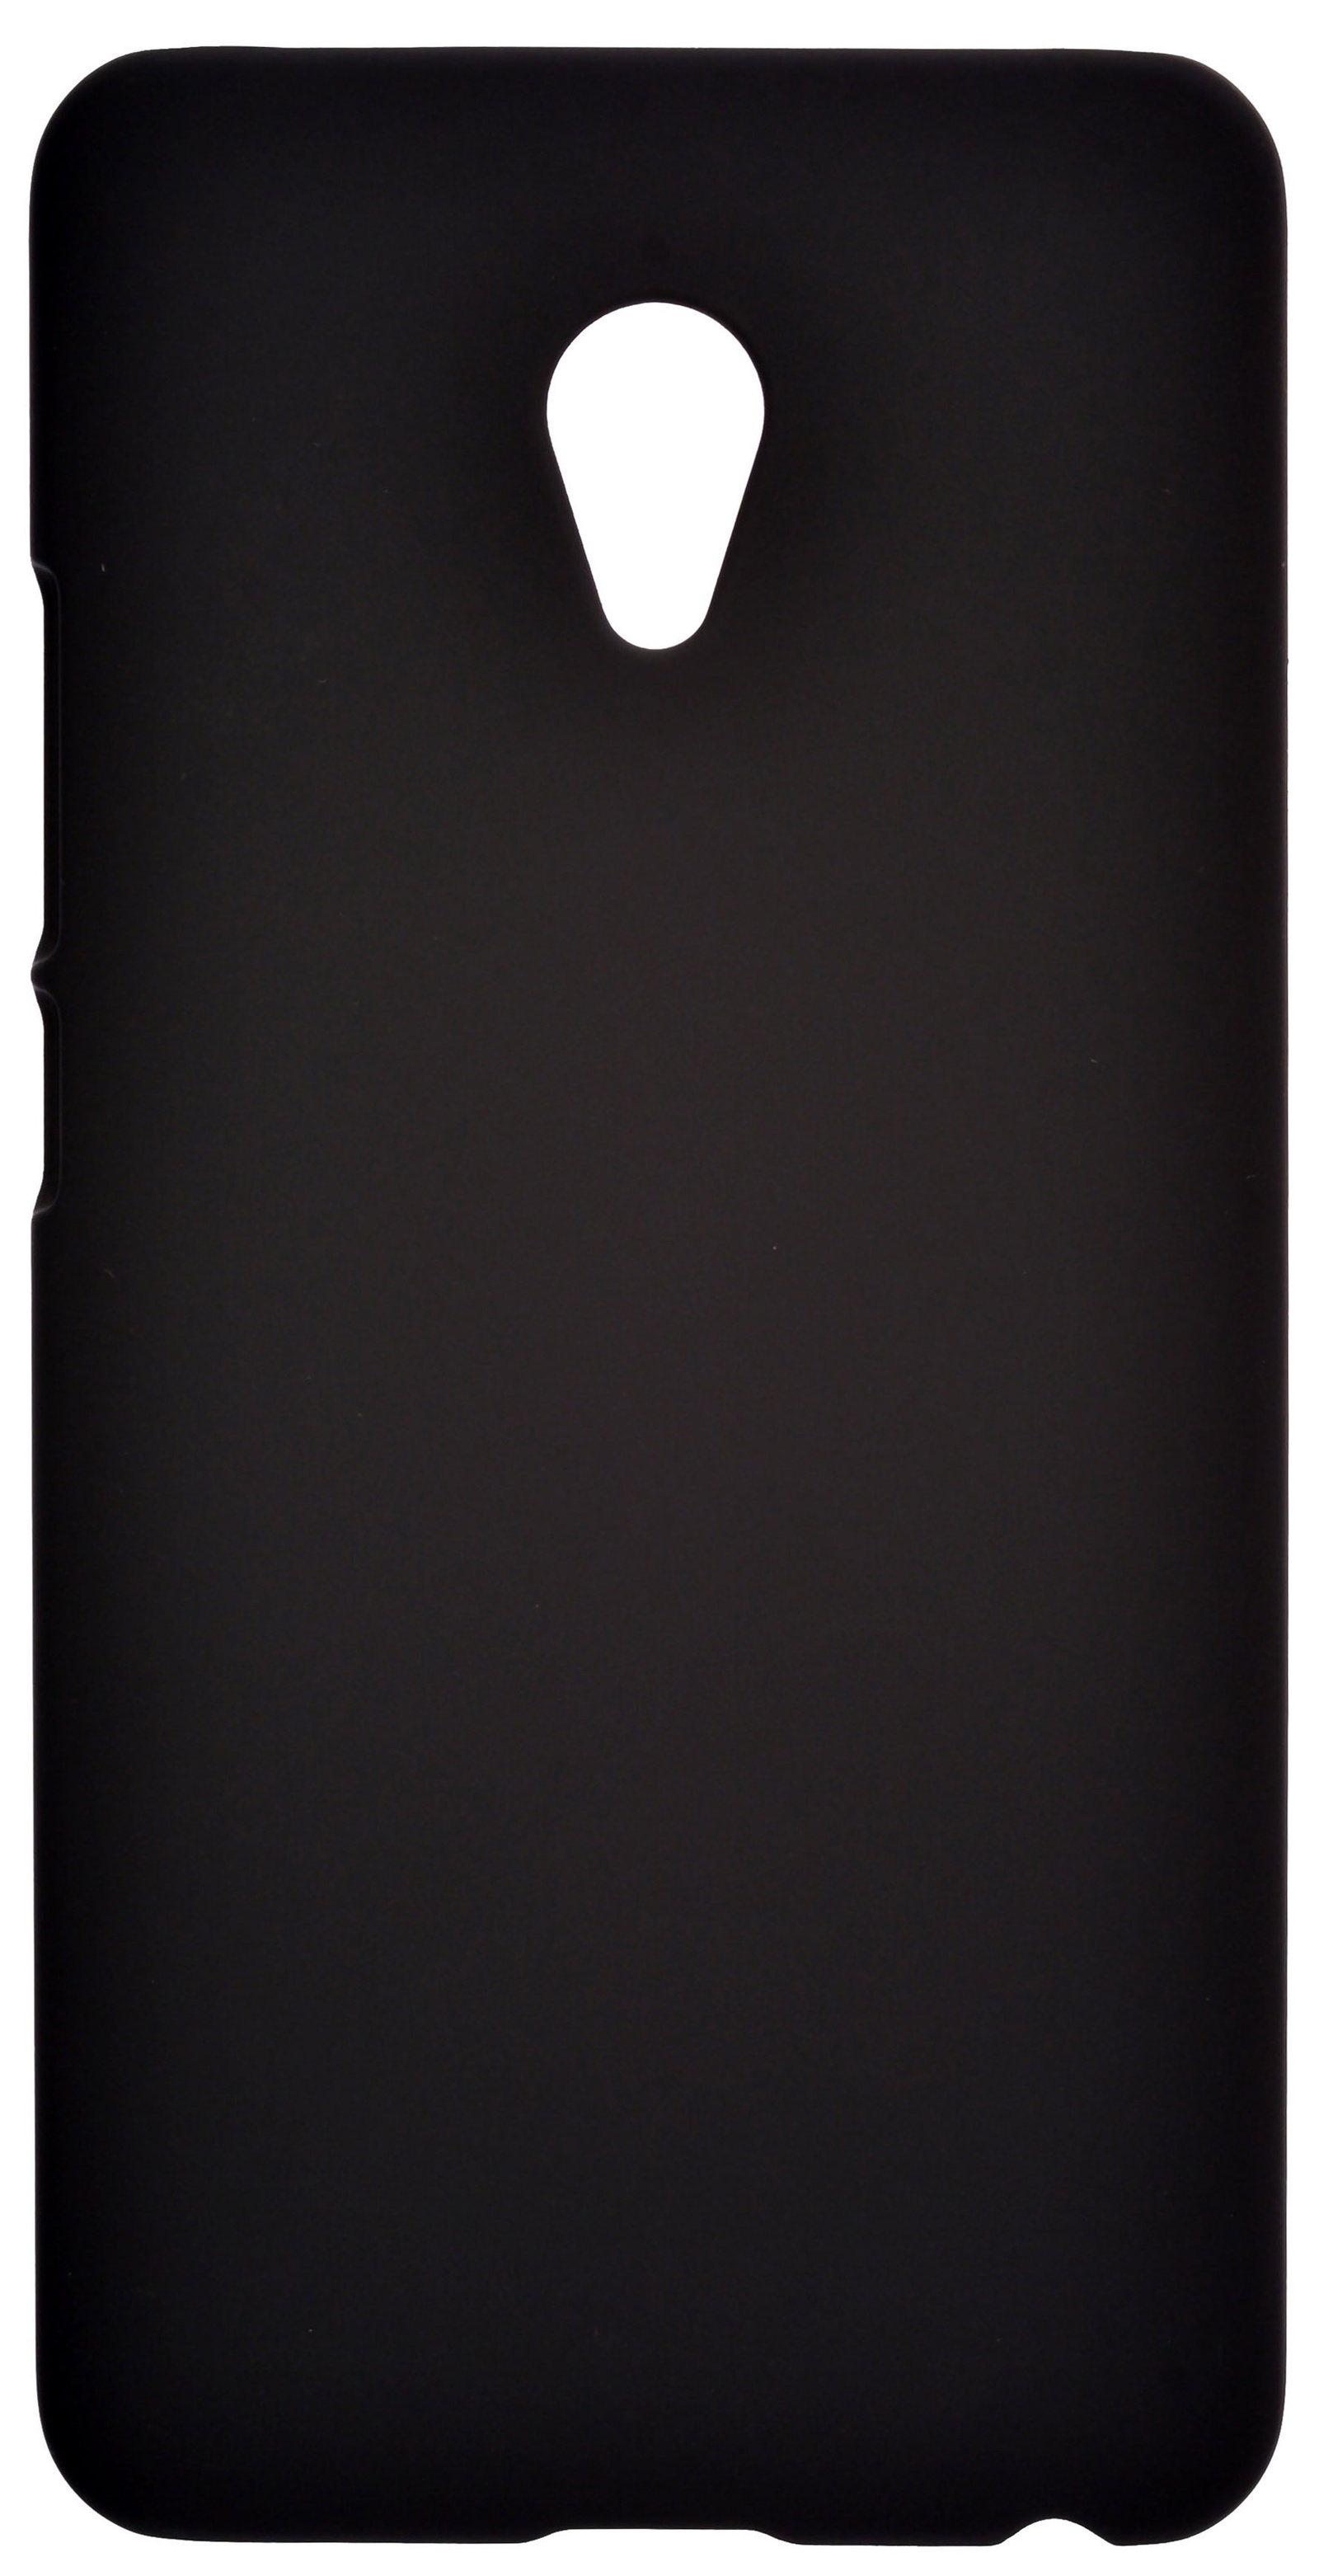 цена на Чехол для сотового телефона skinBOX 4People, 4630042524583, черный